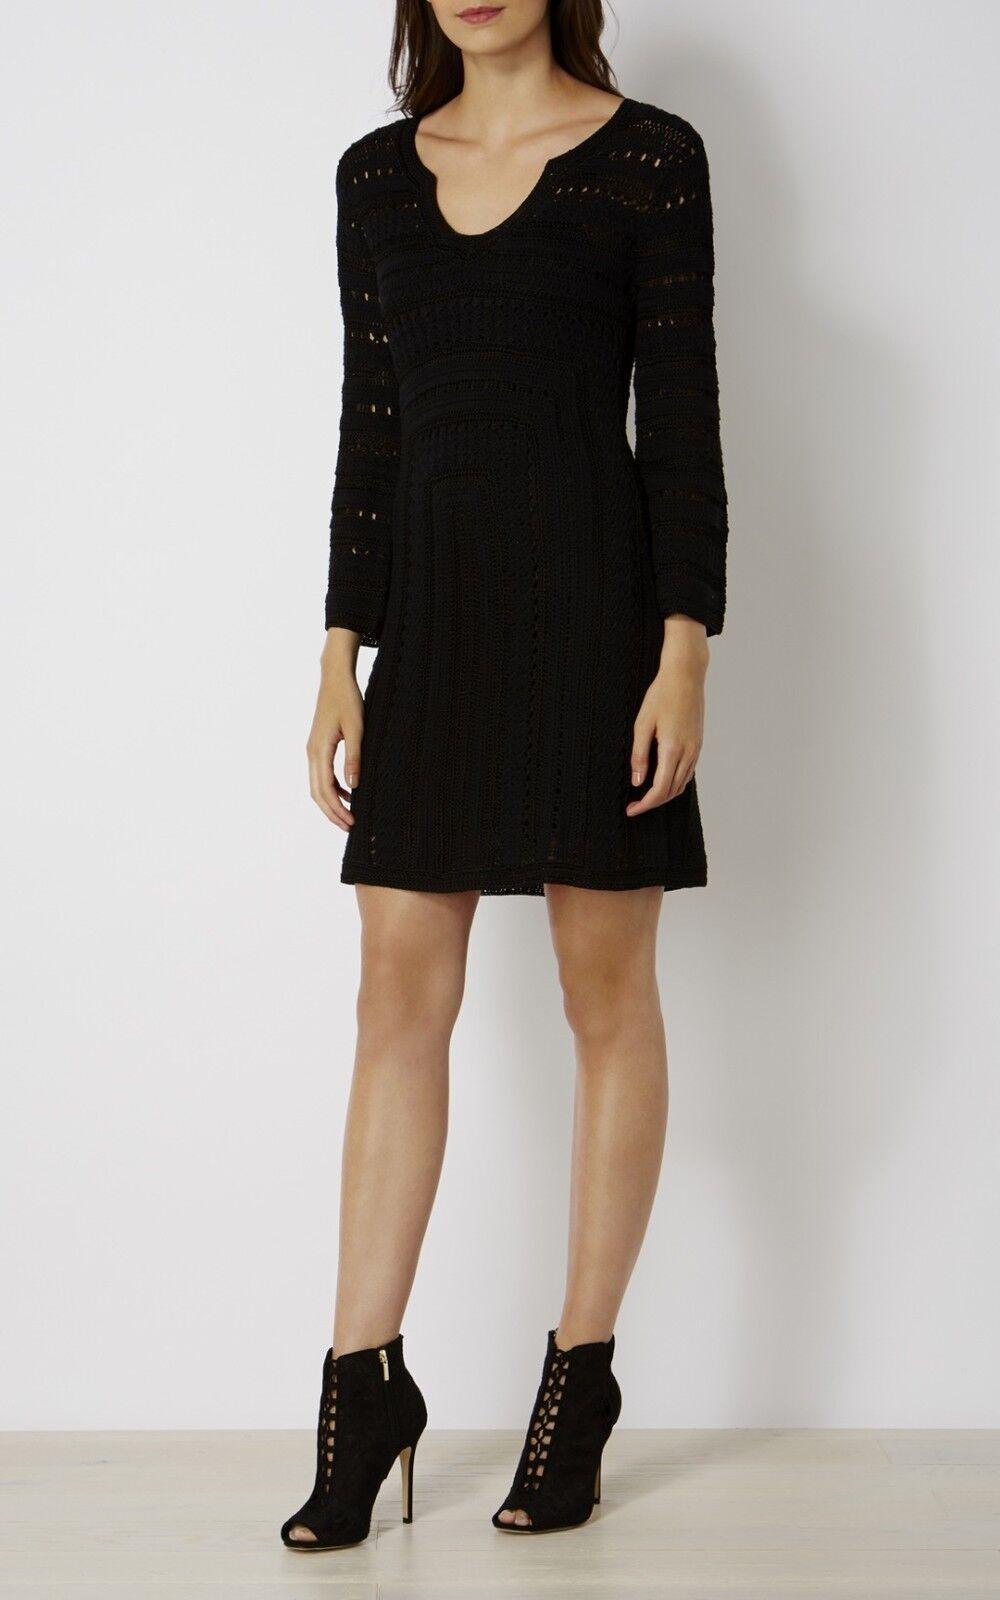 KAREN MILLEN Crochet Vestito, nero, Medio